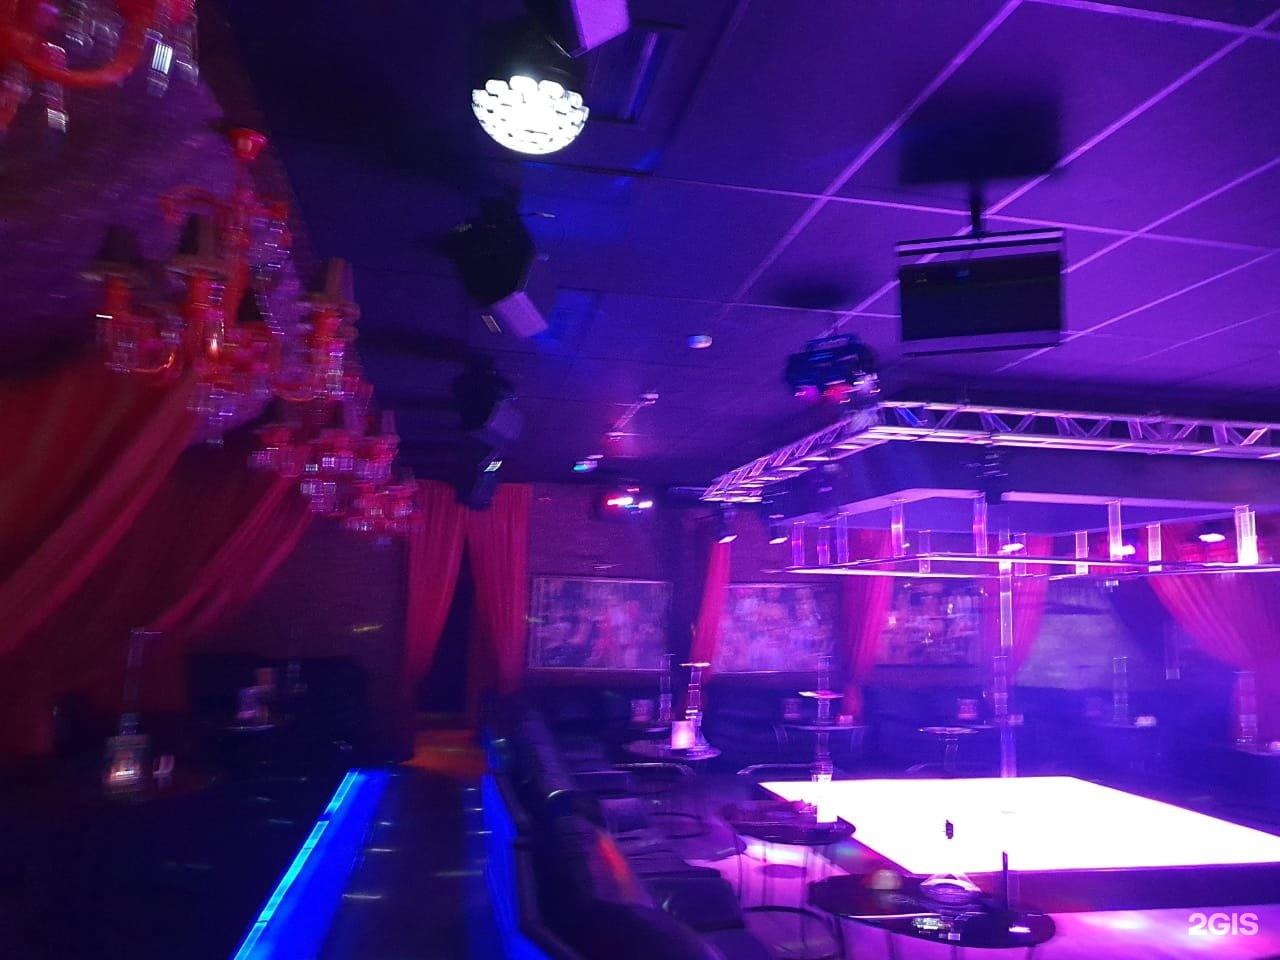 Фото стриптиз бар зажигалка кондиционирование ночного клуба